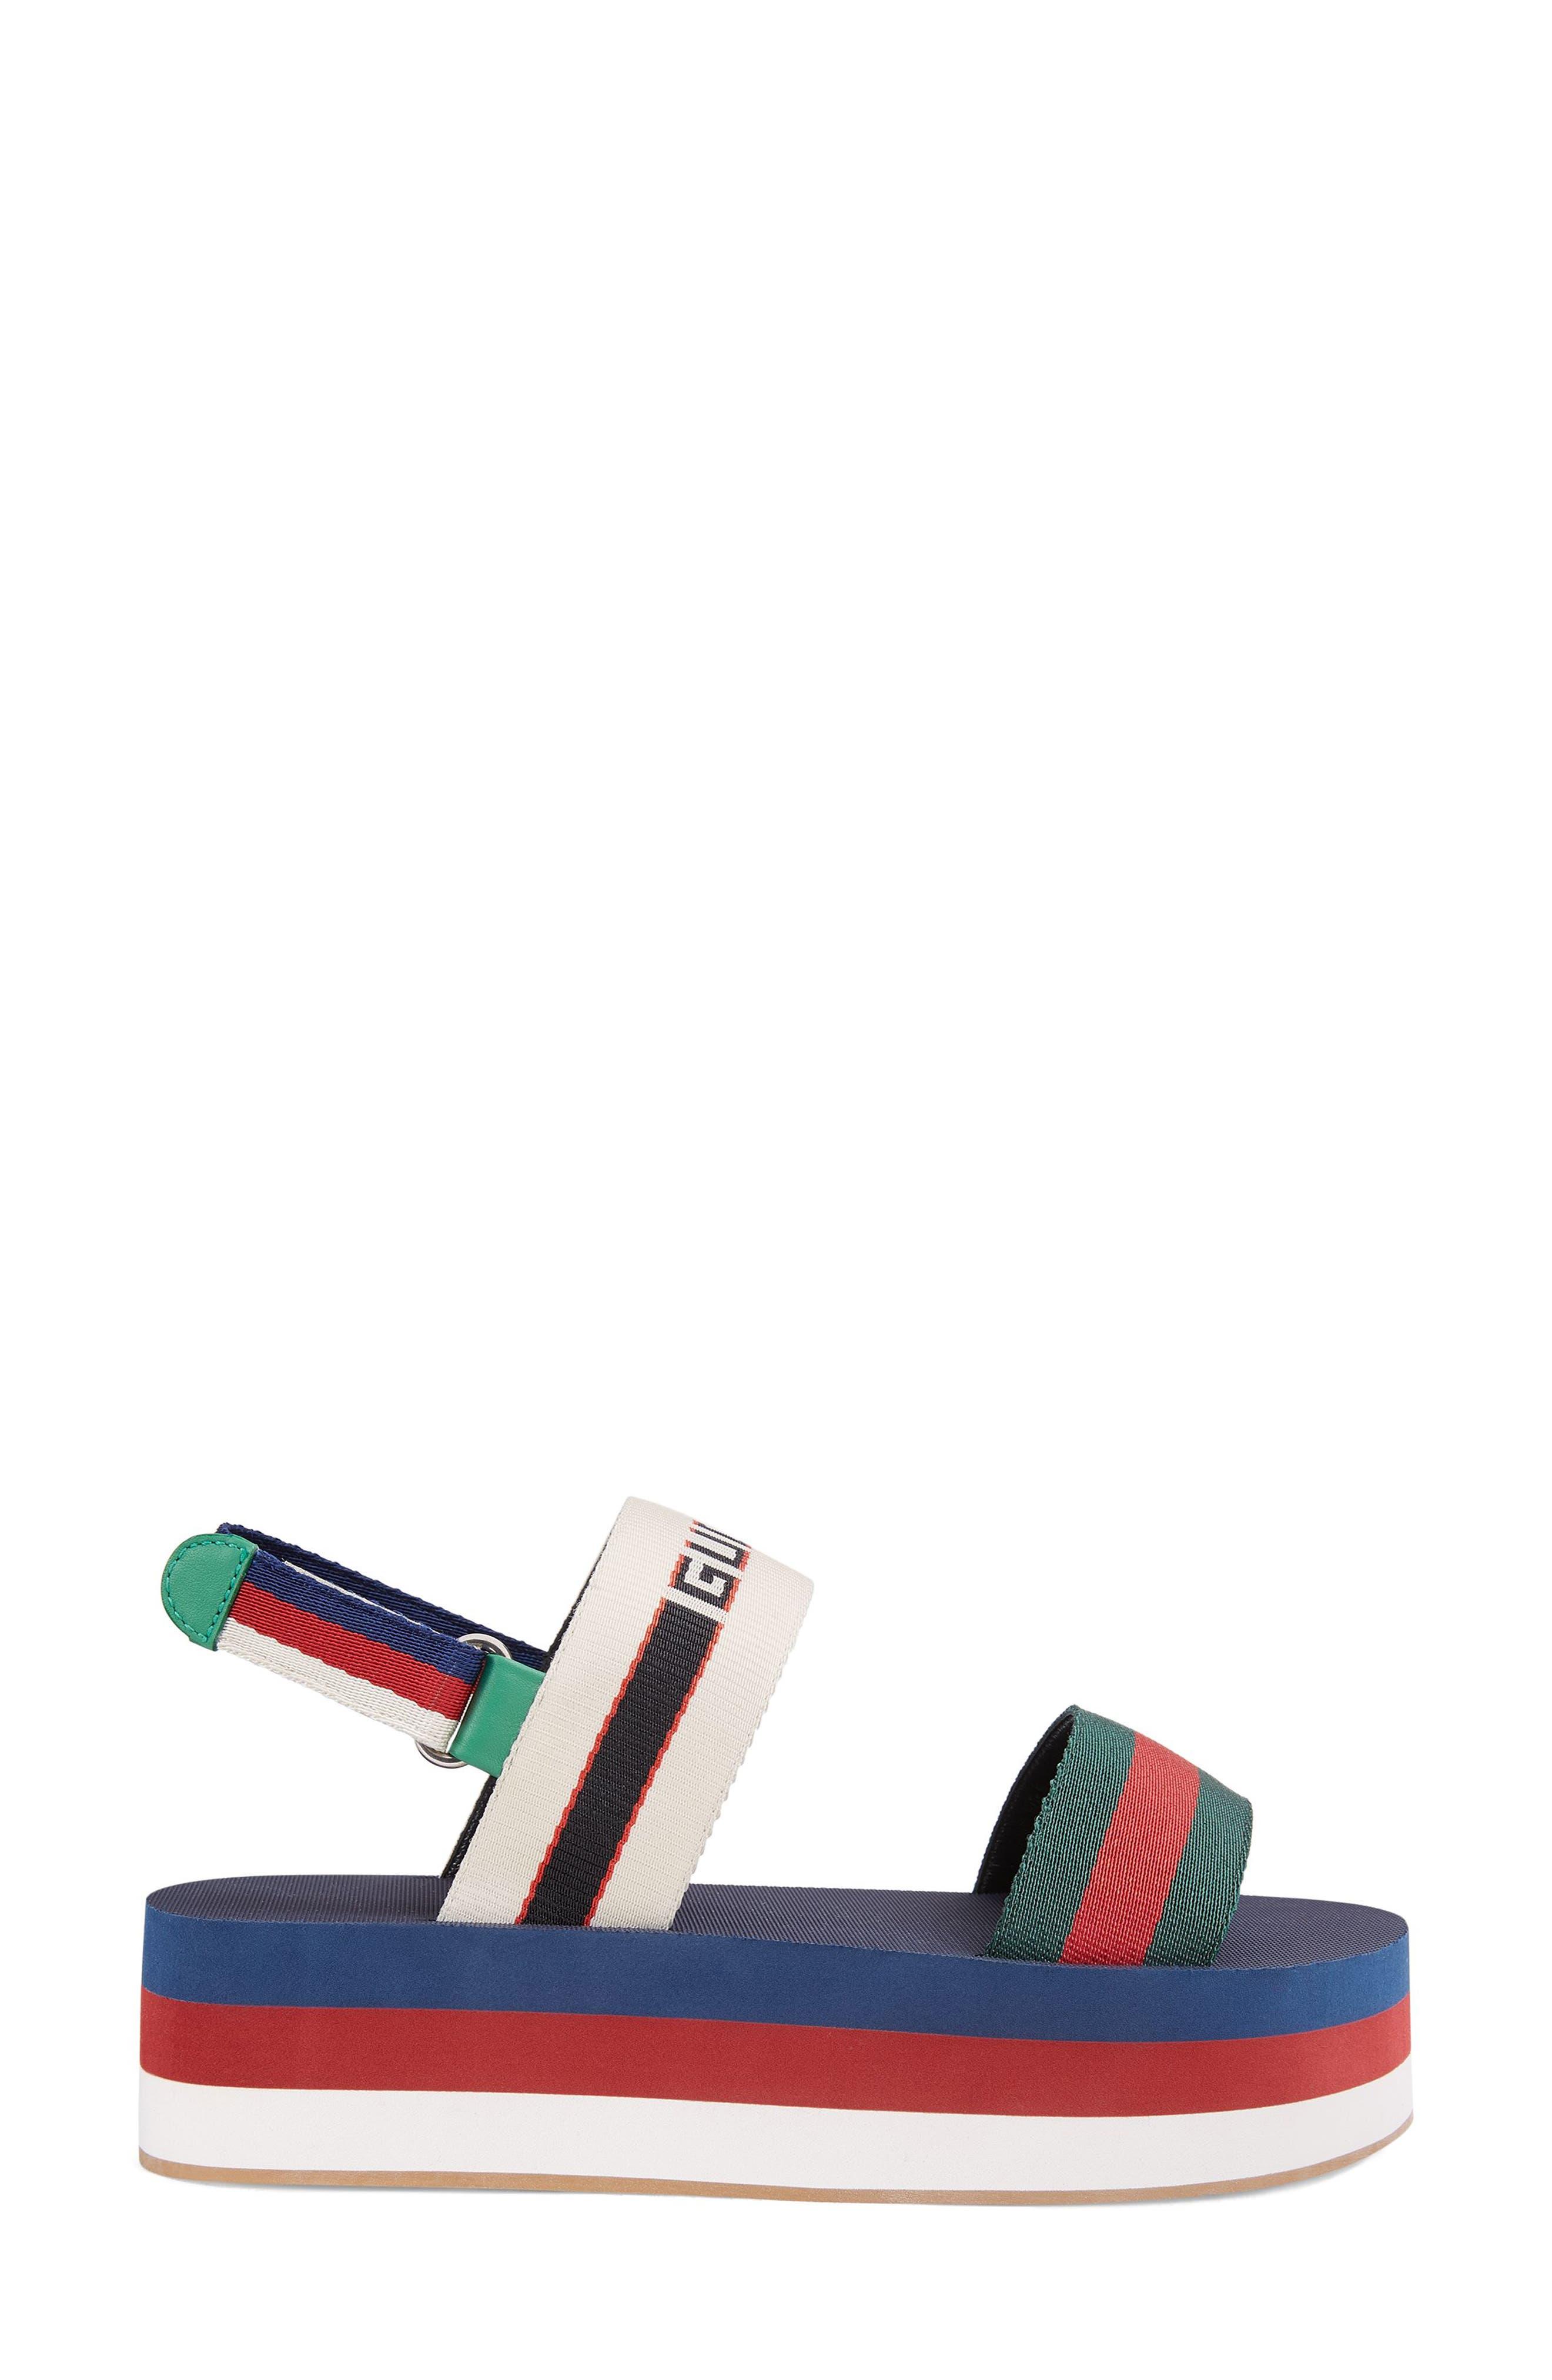 GUCCI, Bedlam Slingback Flatform Sandal, Alternate thumbnail 2, color, BLUE/ RED